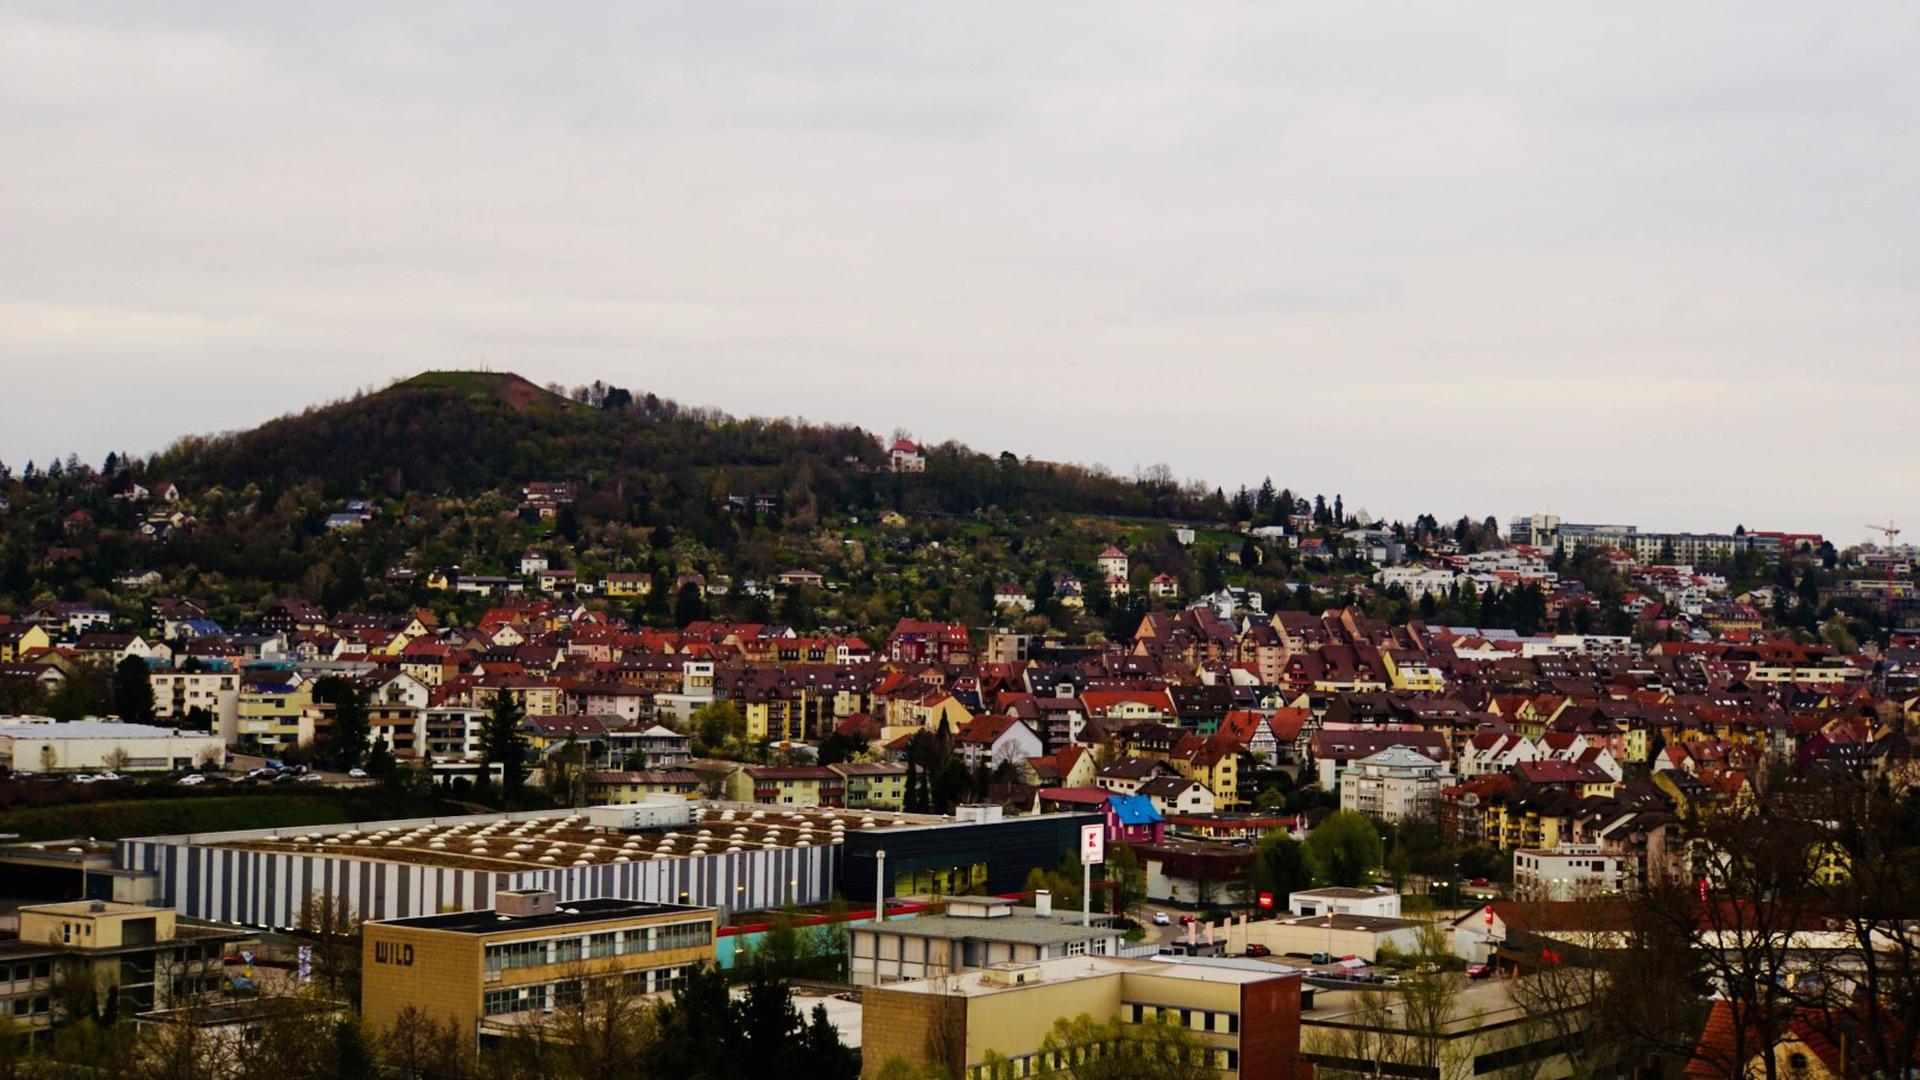 Der Wallberg vom Pforzheimer Rodgebiet aus gesehen.